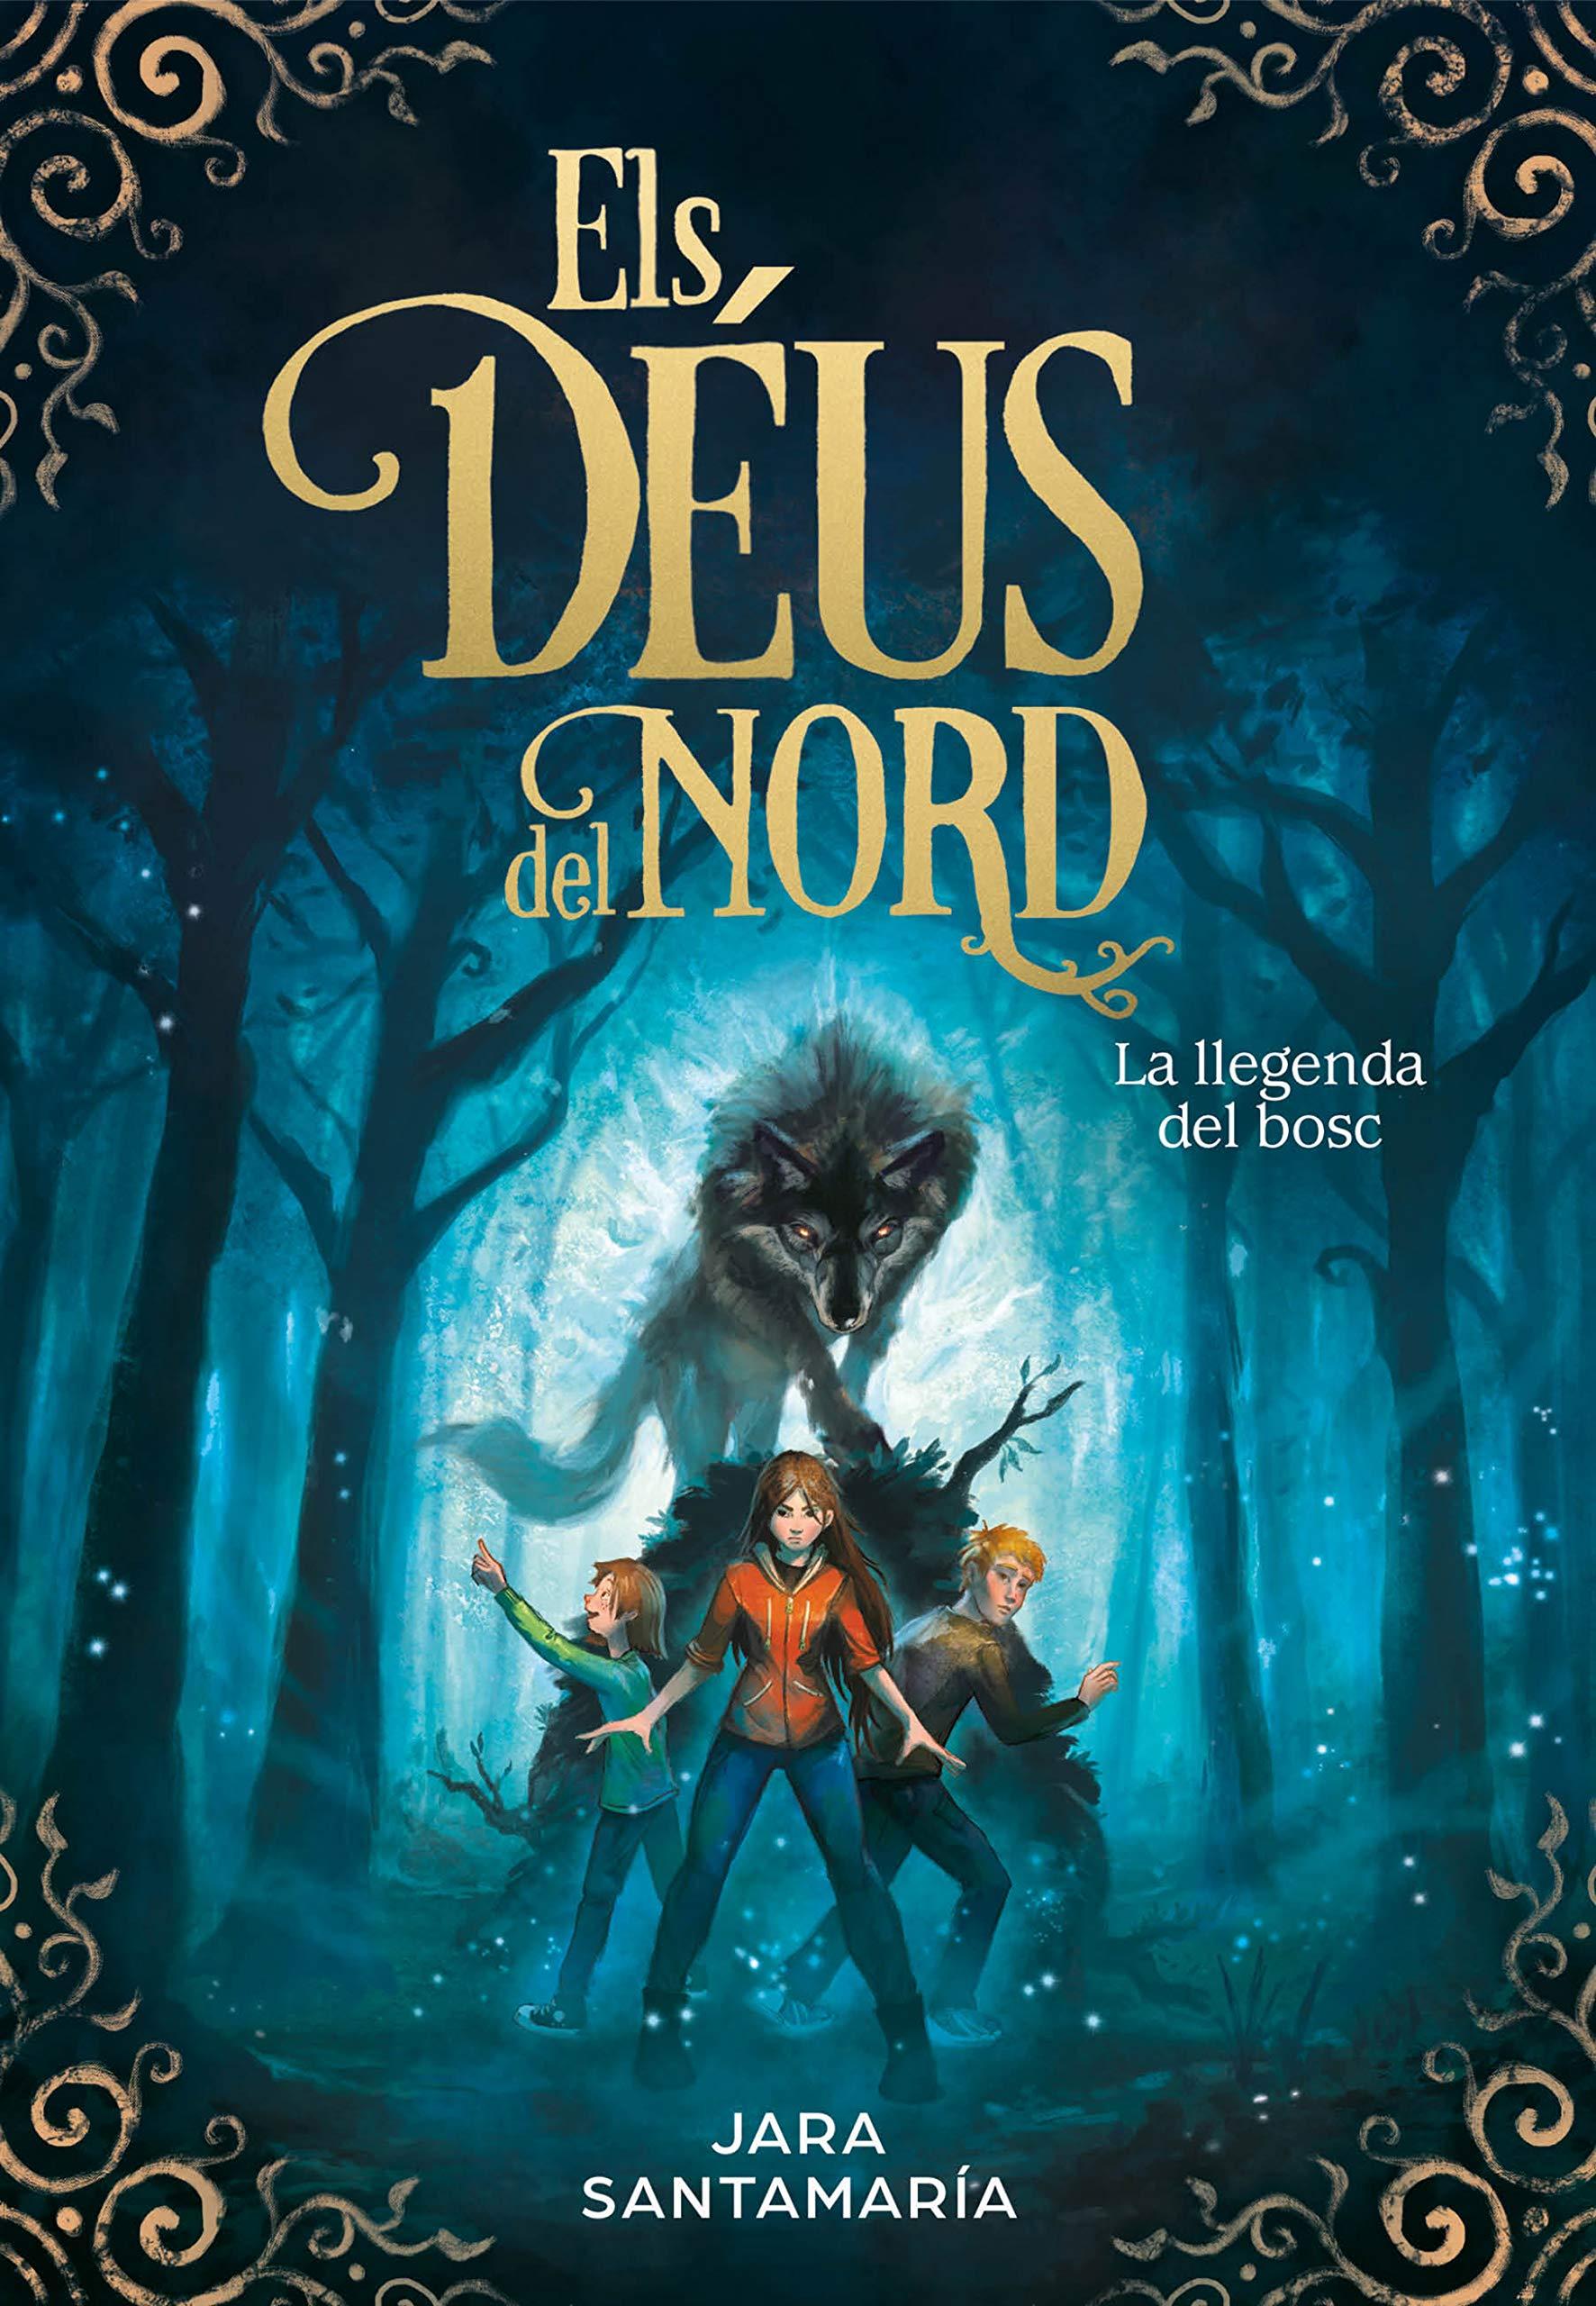 Los dioses del norte. La leyenda del bosque sin fin (Los dioses del norte 1)  (Spanish) Hardcover